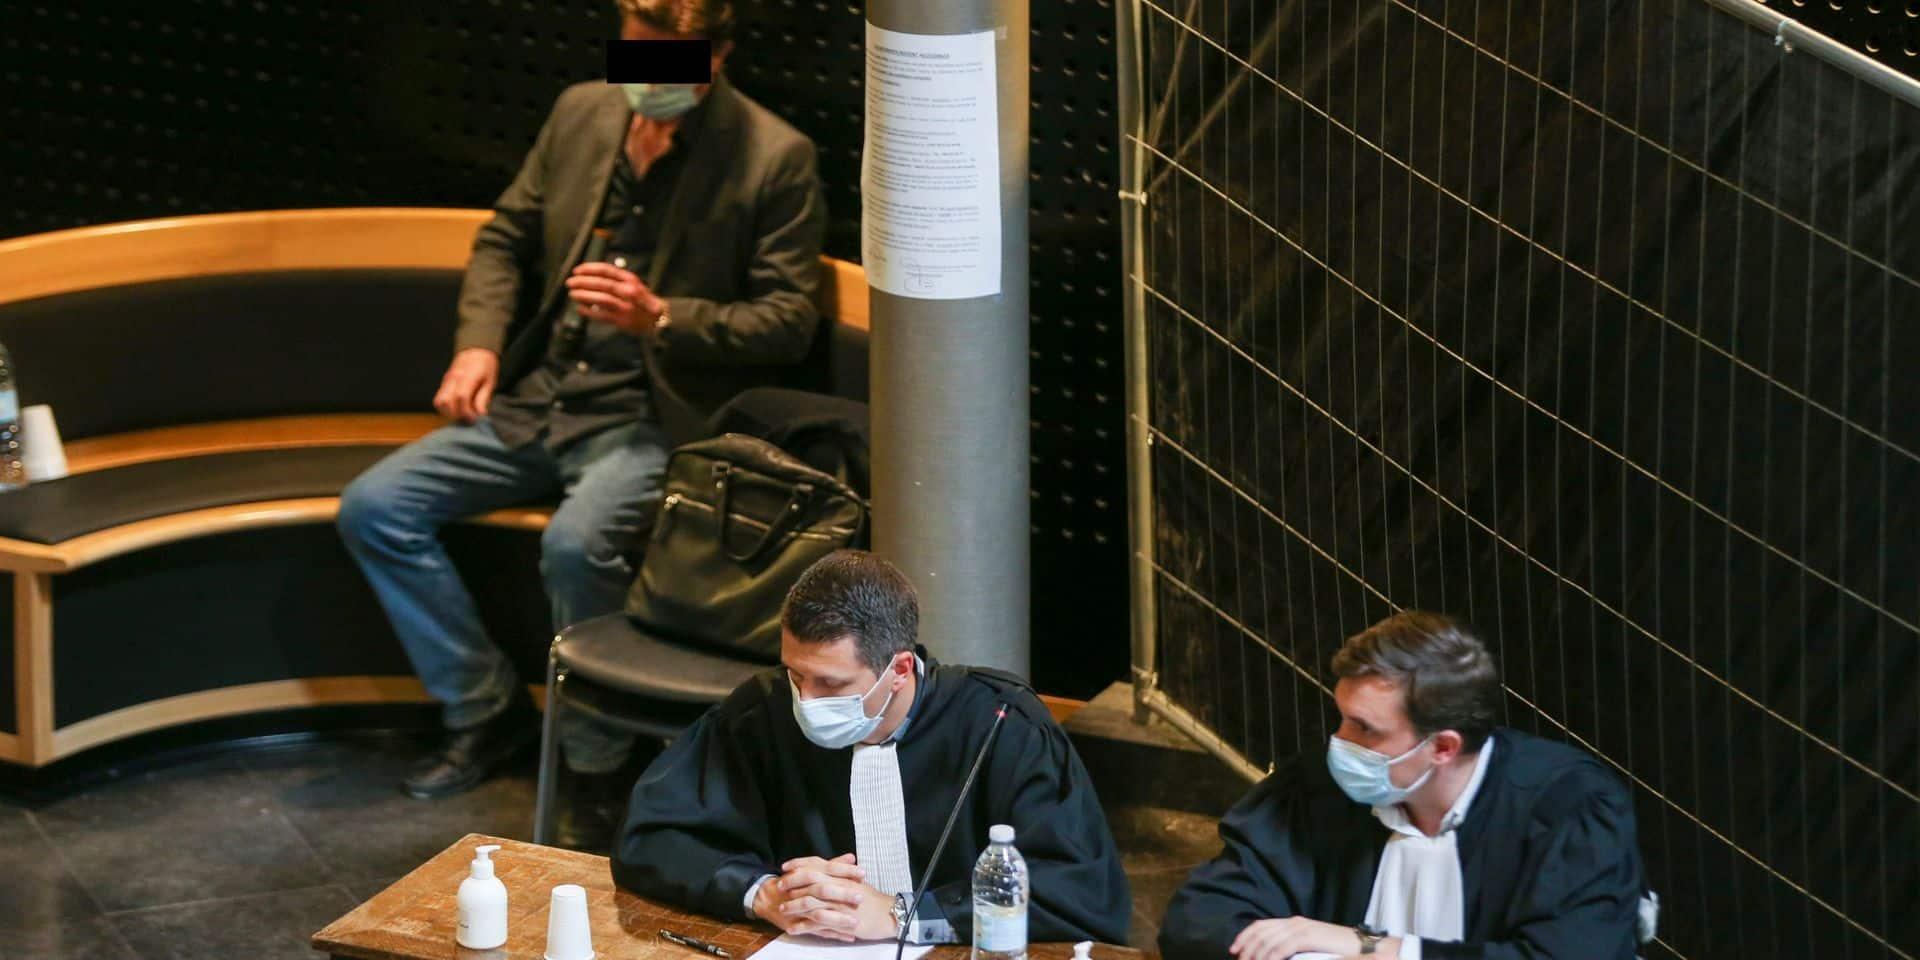 Assises Hainaut: les anciennes compagnes de David Vens ne le décrivent pas comme un homme violent